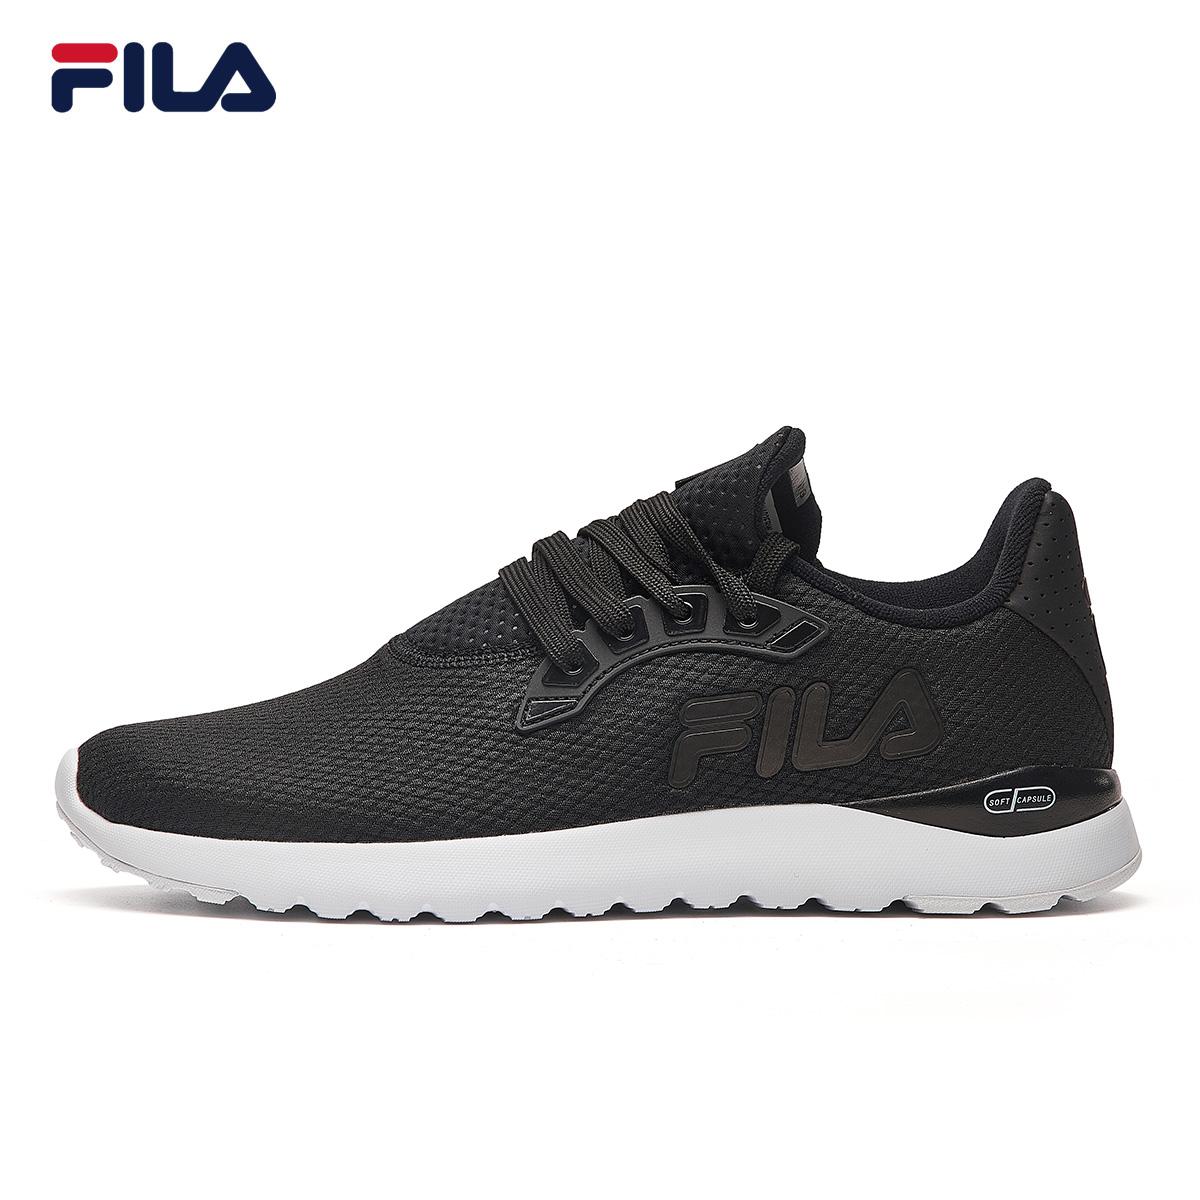 FILA斐乐男鞋2018冬季新款潮流时尚休闲运动训练鞋男鞋